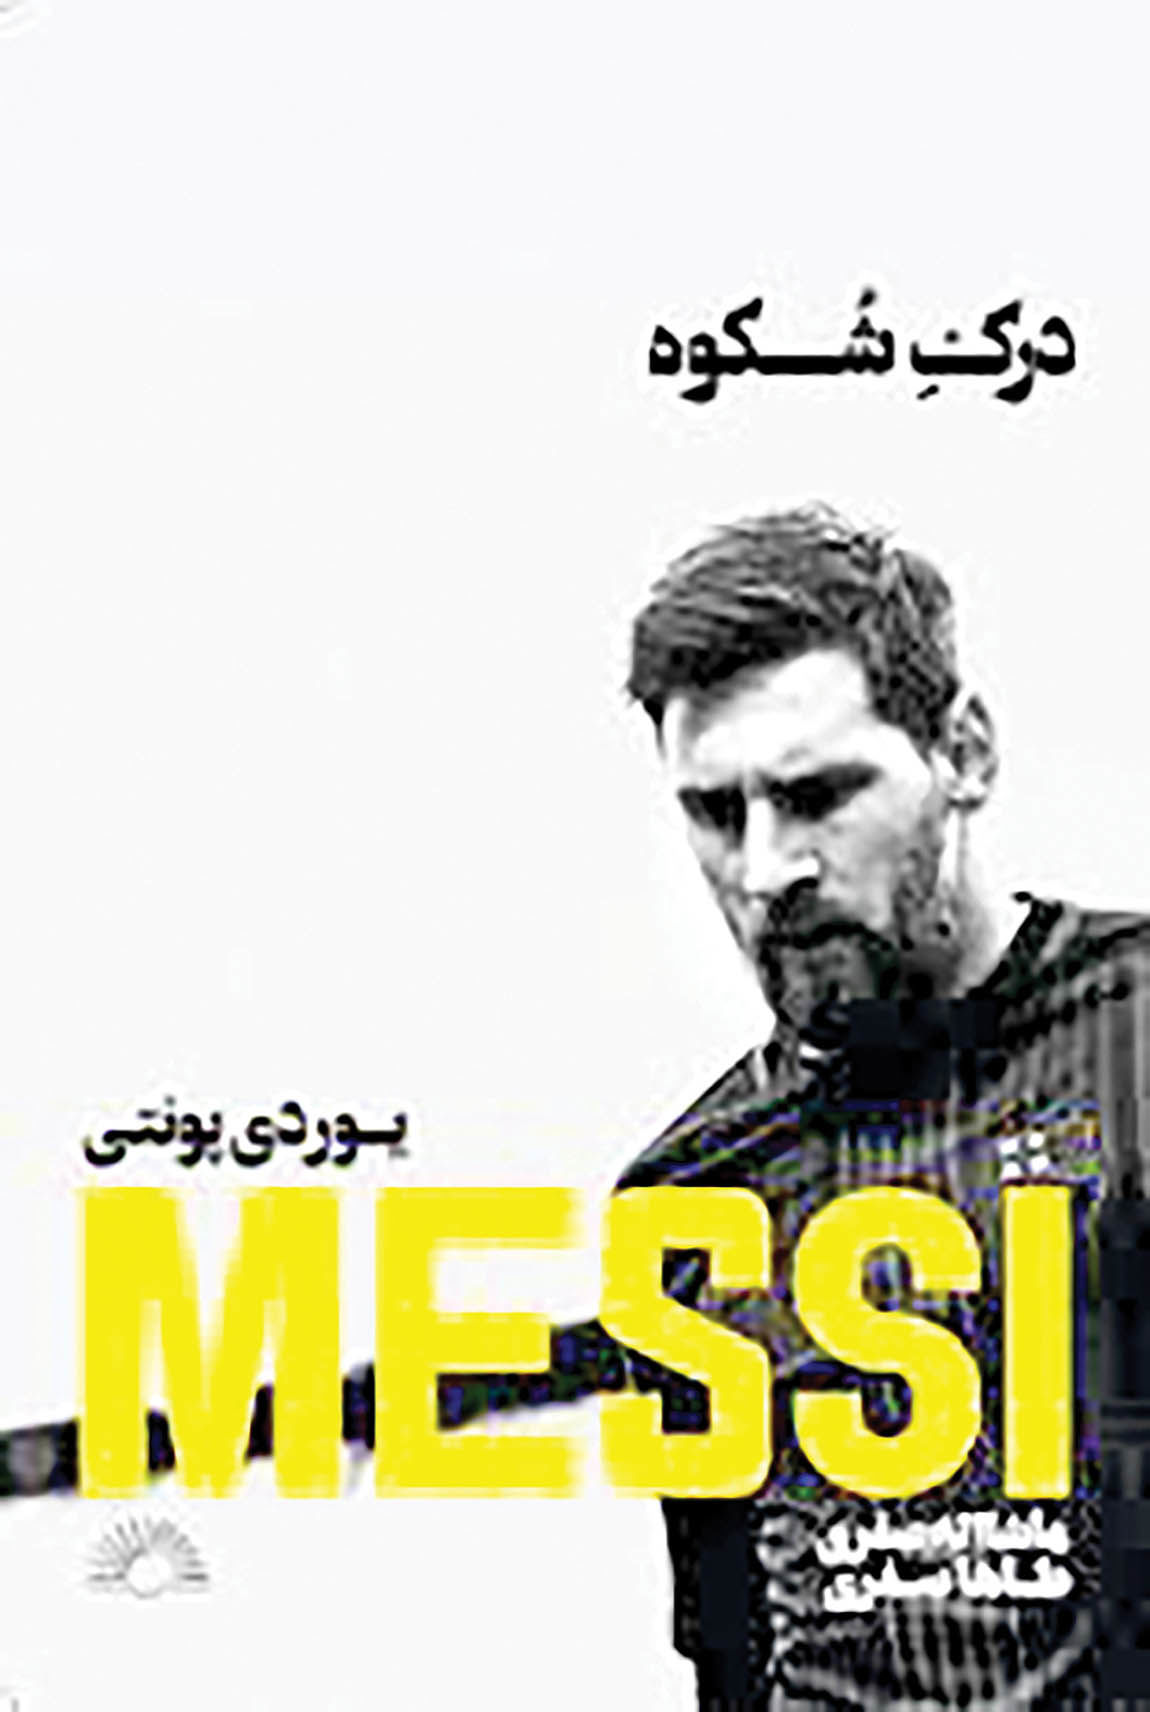 زندگینامه جذاب مسی در یک کتاب